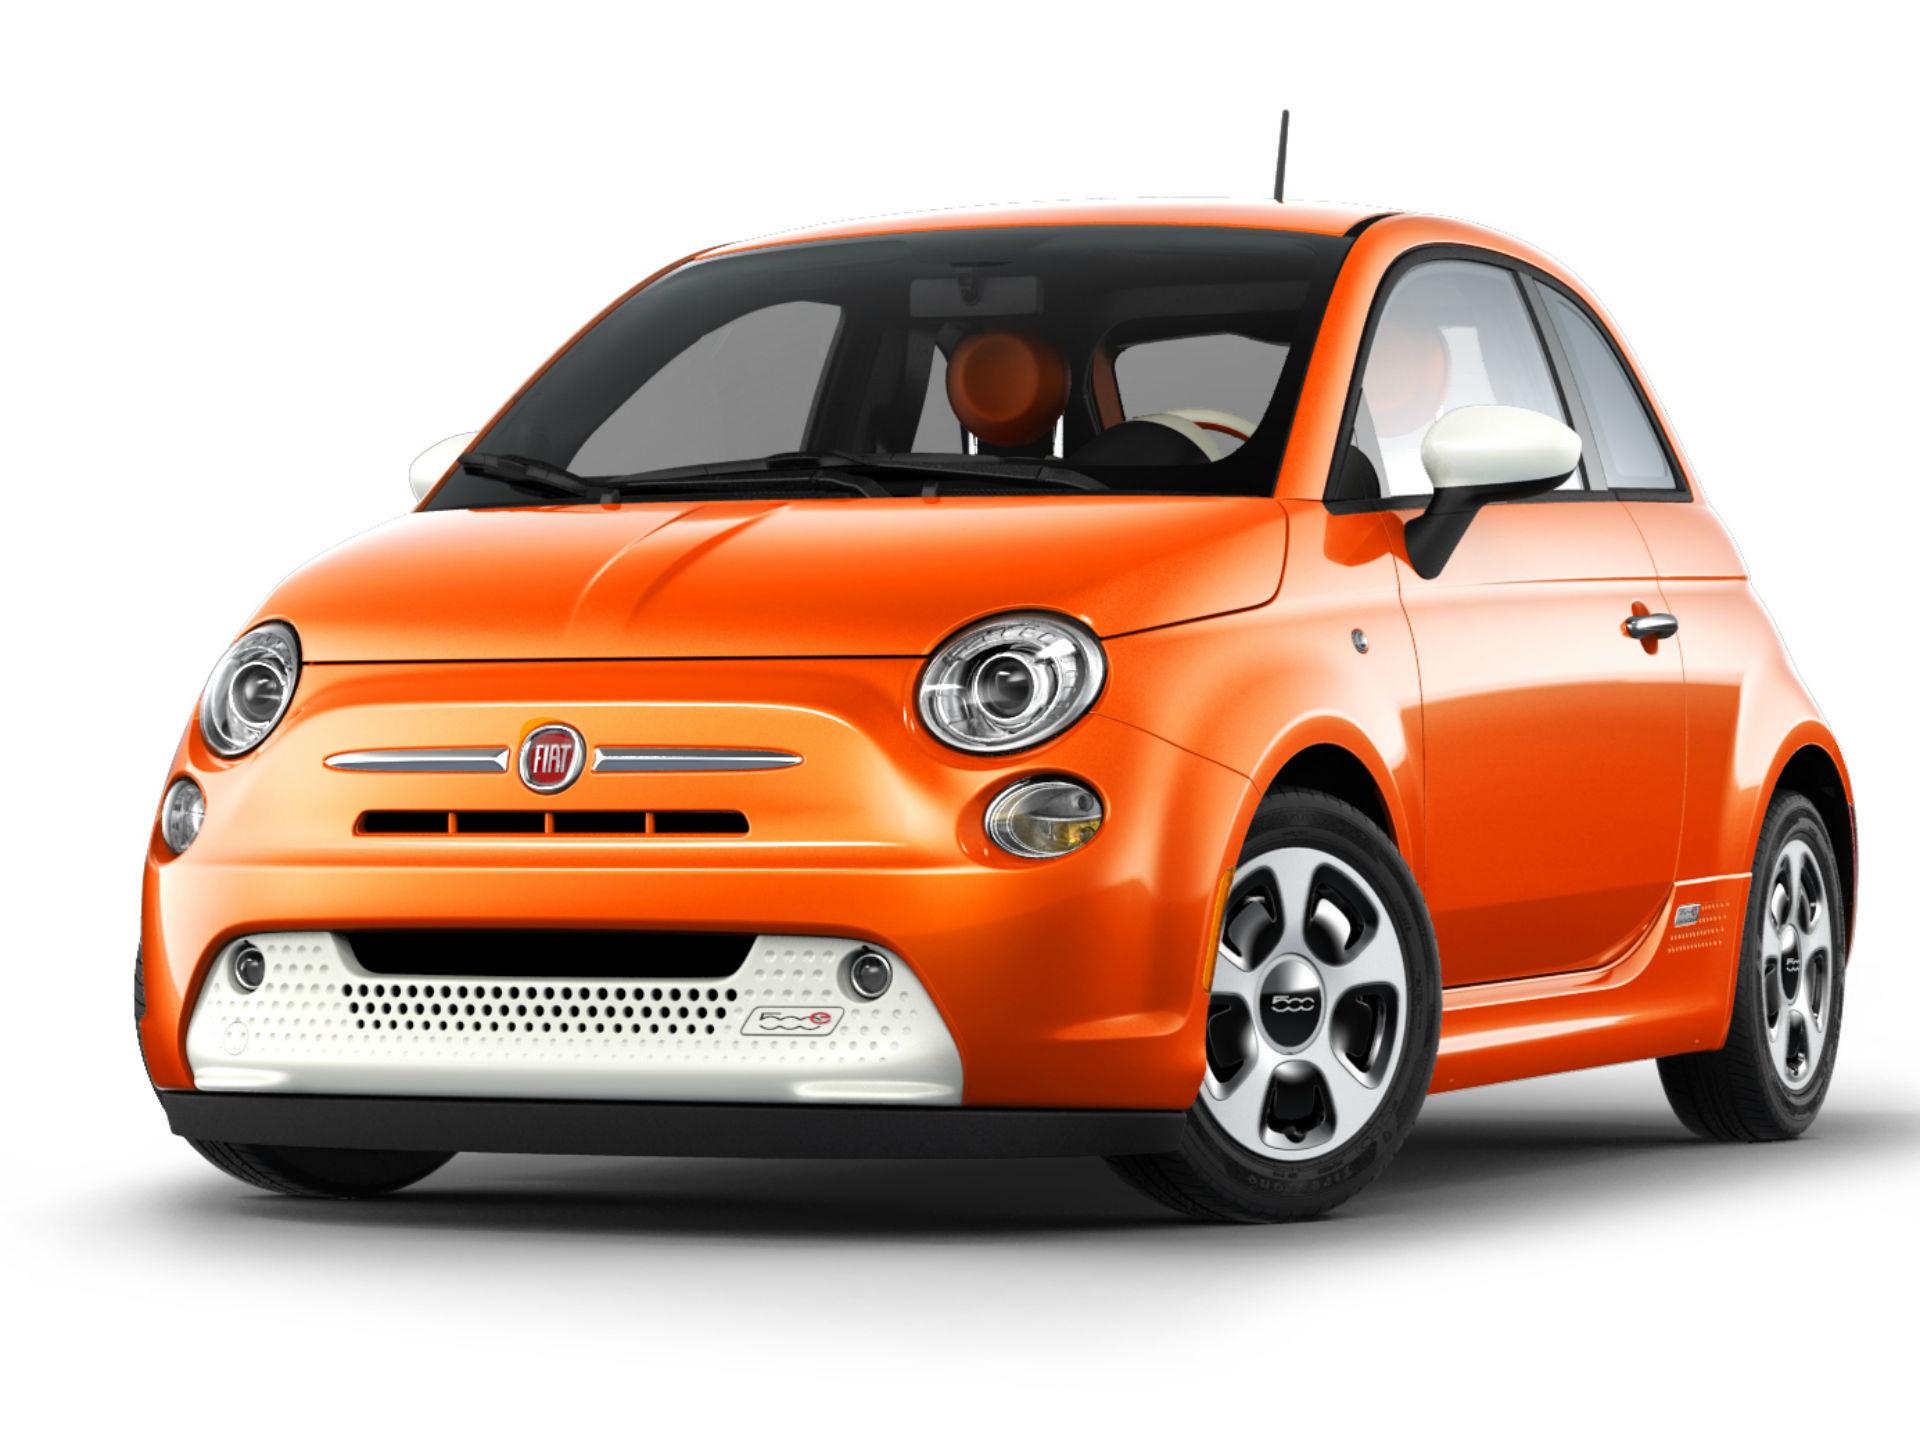 Fiat 500e. Es por muchos conocido, el pequeñito auto de la italiana FIAT. Su consumo no era precisamente excesivo en el modelo a gasolina, así que es de esperarse que 001 eléctrico sea exepcional. Pertrecha un motor eléctrico que produce 111 hp y brinda una autonomía de 128 km. Foto: Fiat